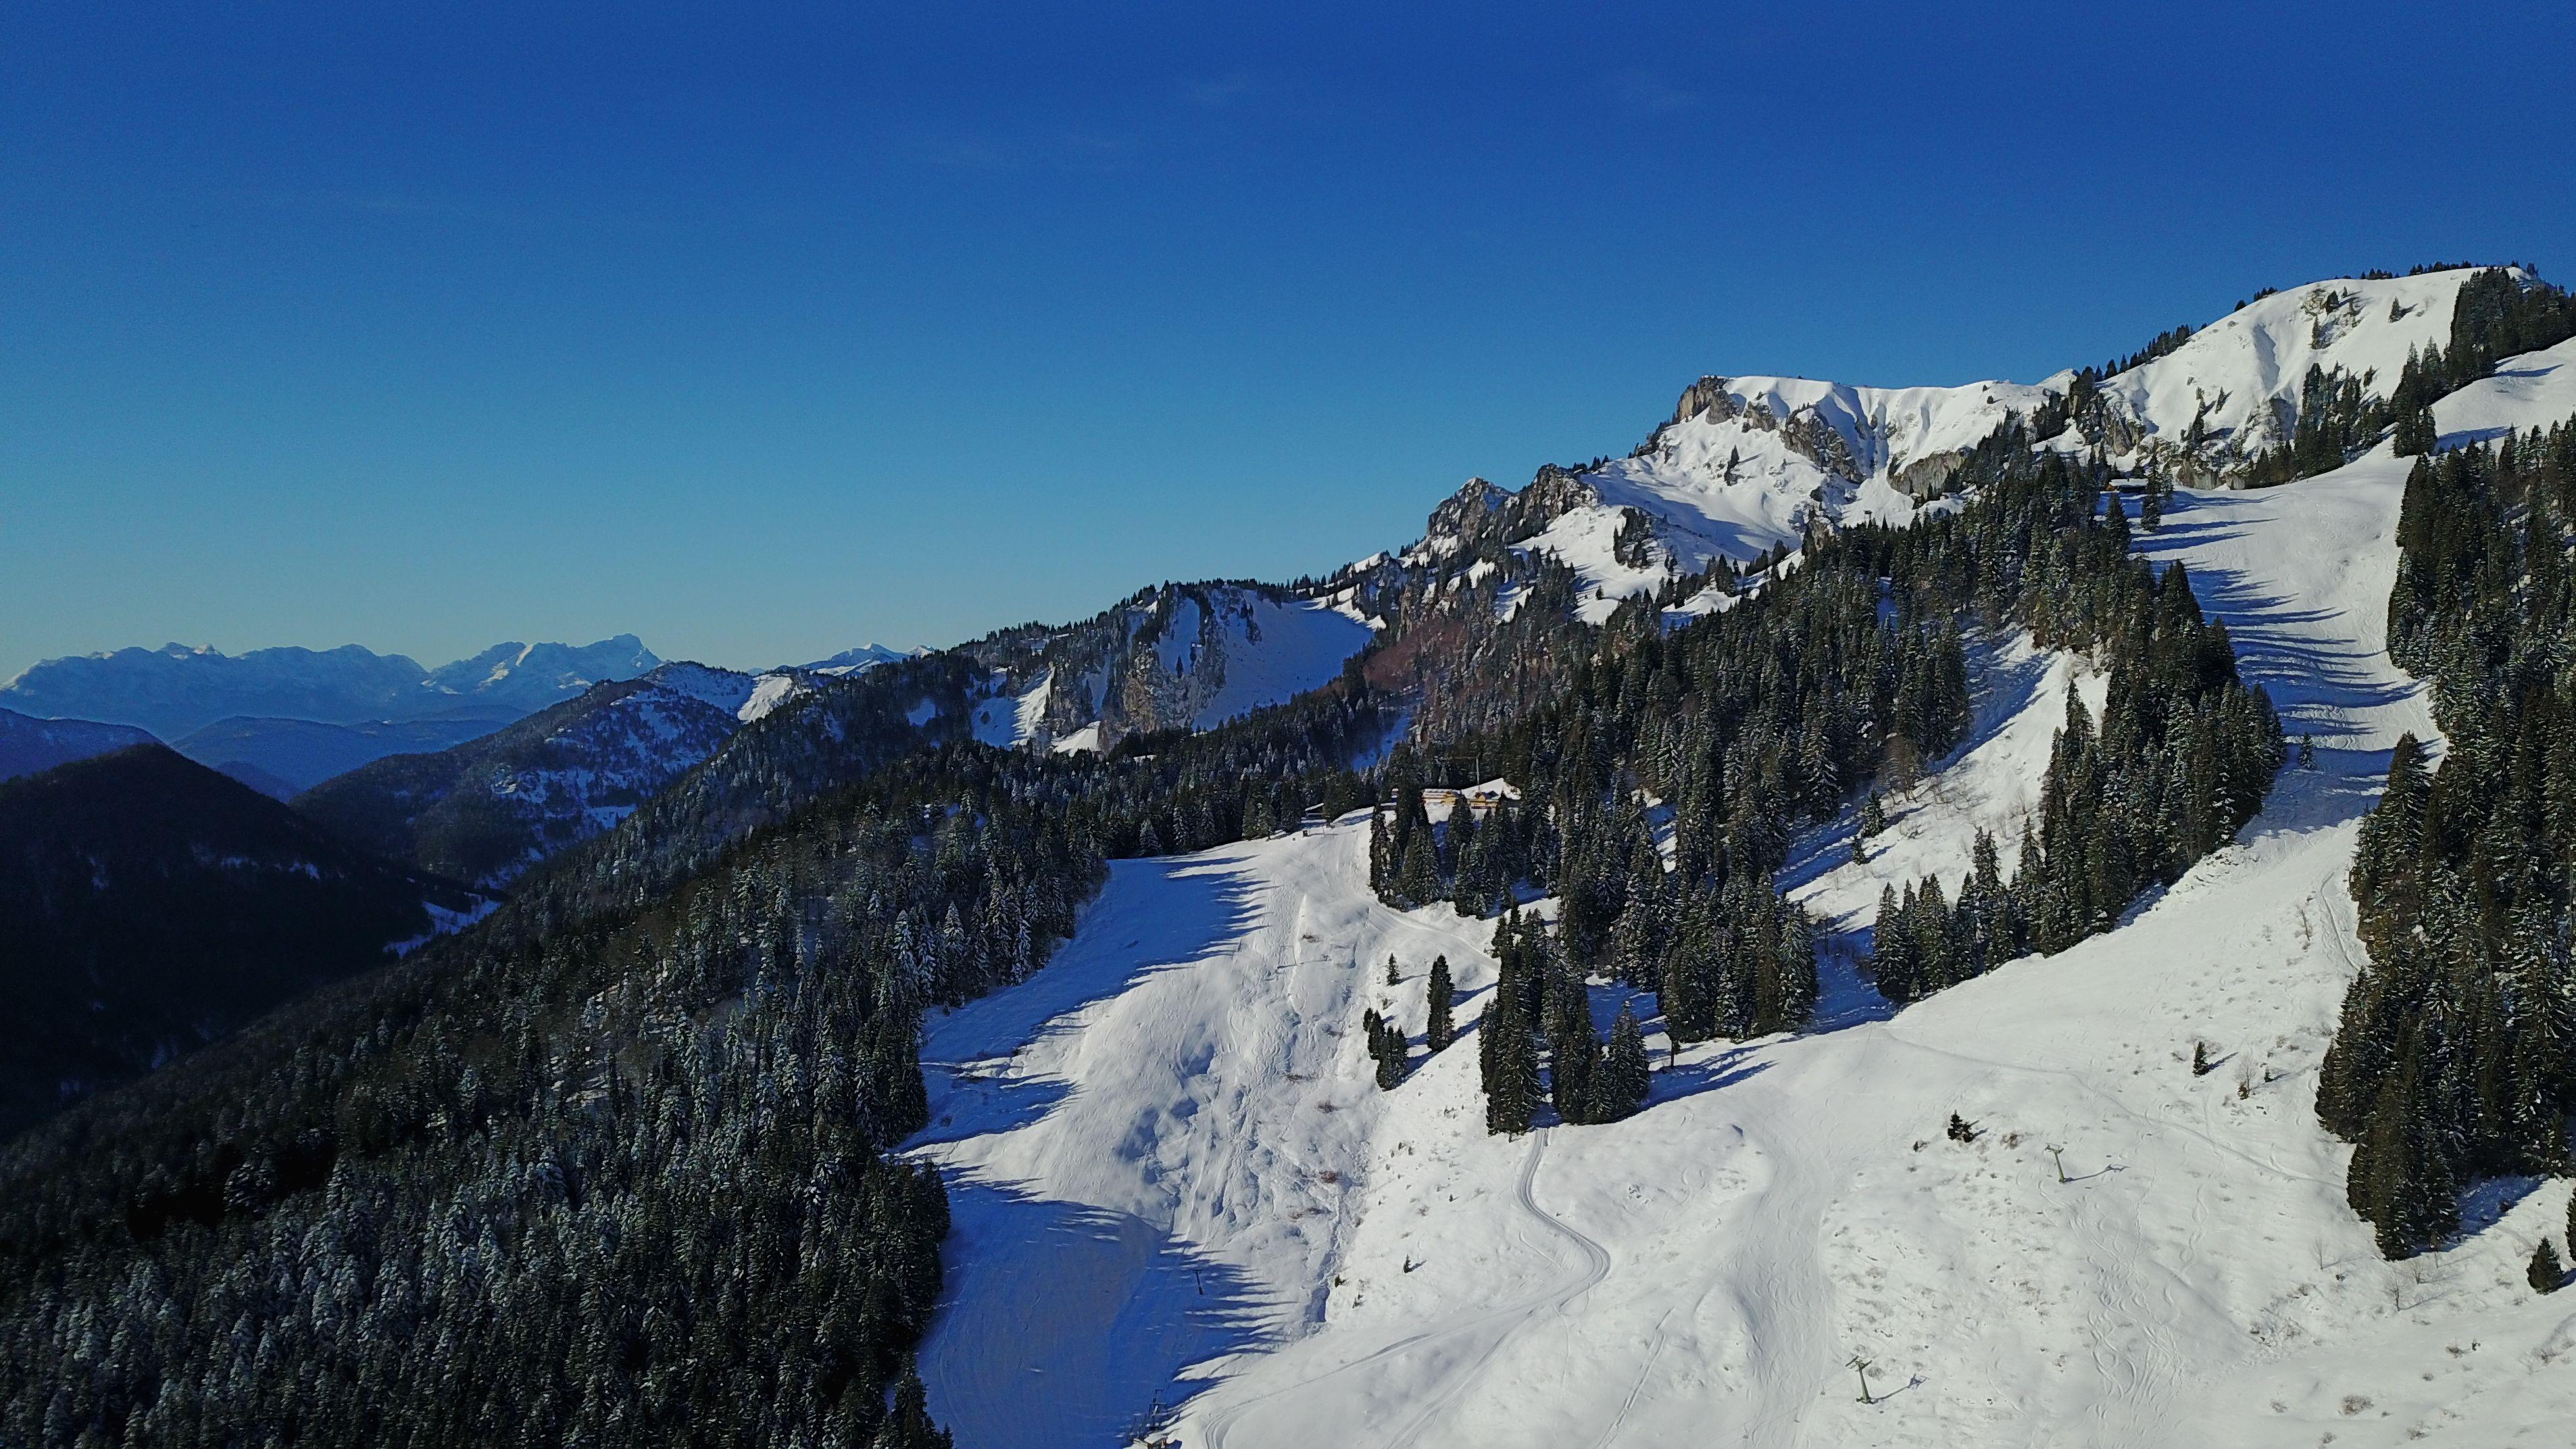 Brauneck im Winter - Symbolbild